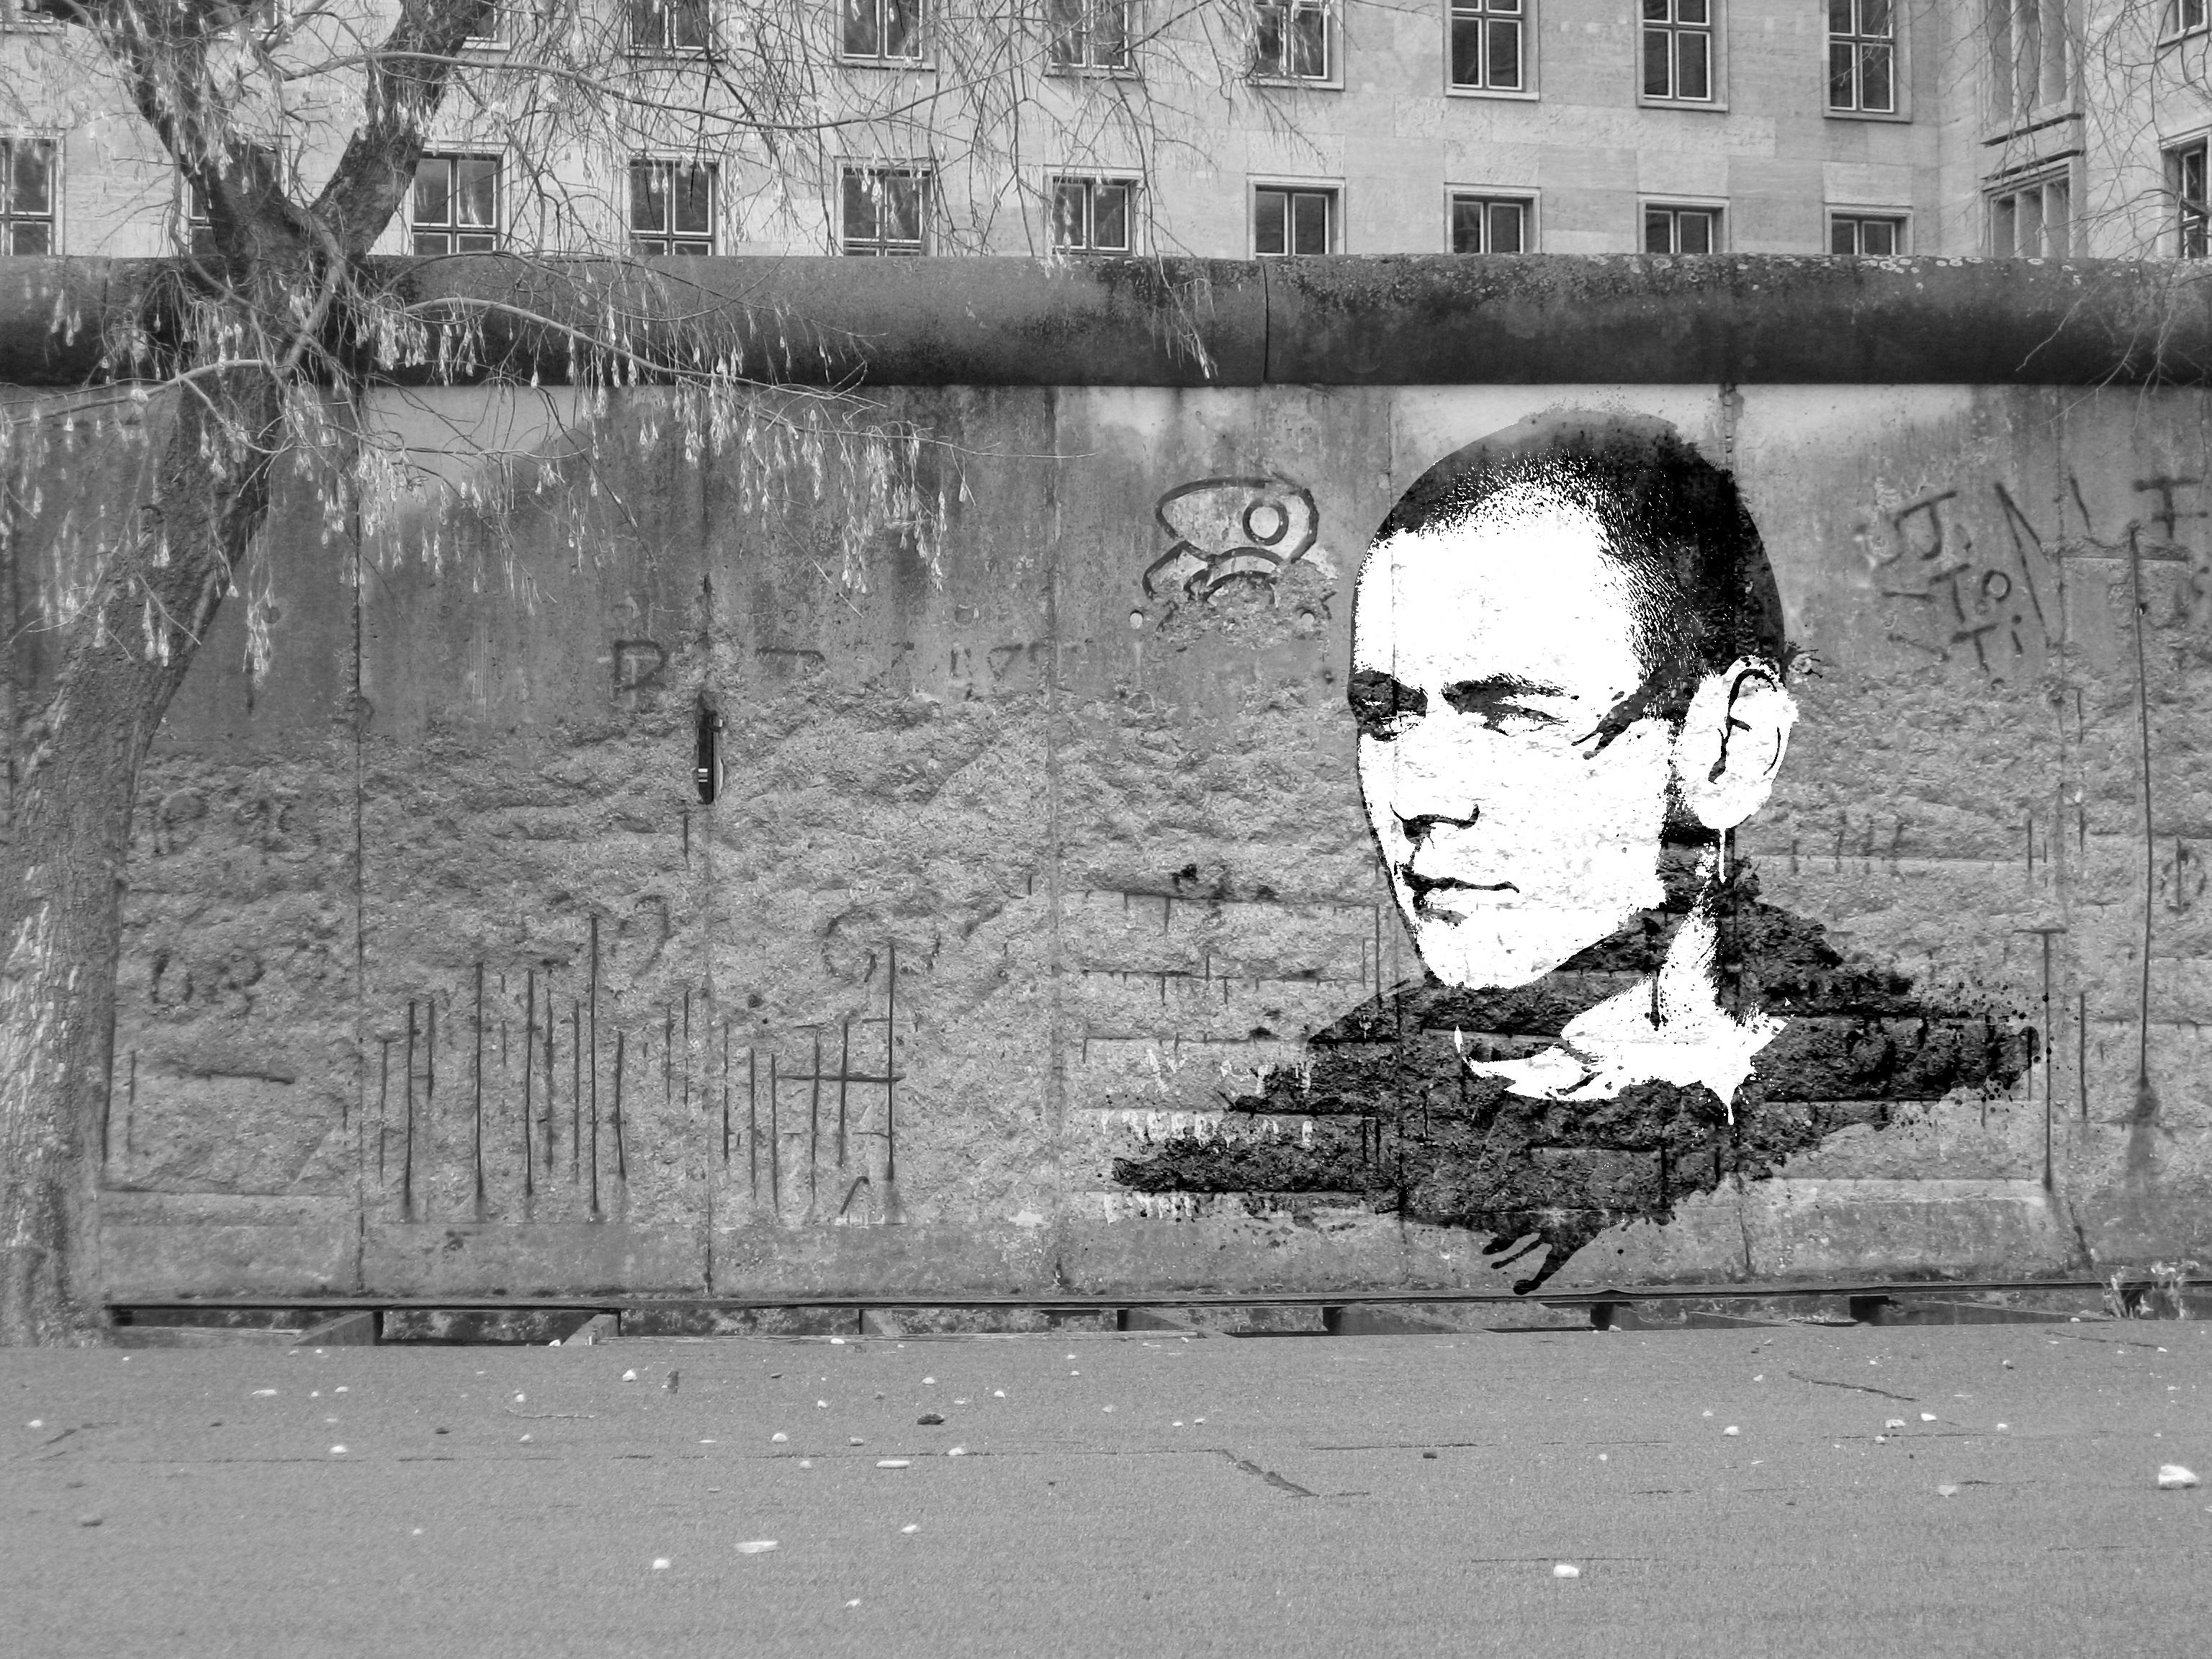 hình ảnh : đen và trắng, đường phố, nhiếp ảnh, Xịt nước, Đơn sắc, Graffiti, đối mặt, nghệ thuật, Phác hoạ, Bản vẽ, sáng tạo, ảnh chụp, Photoshop, Sơn, ...